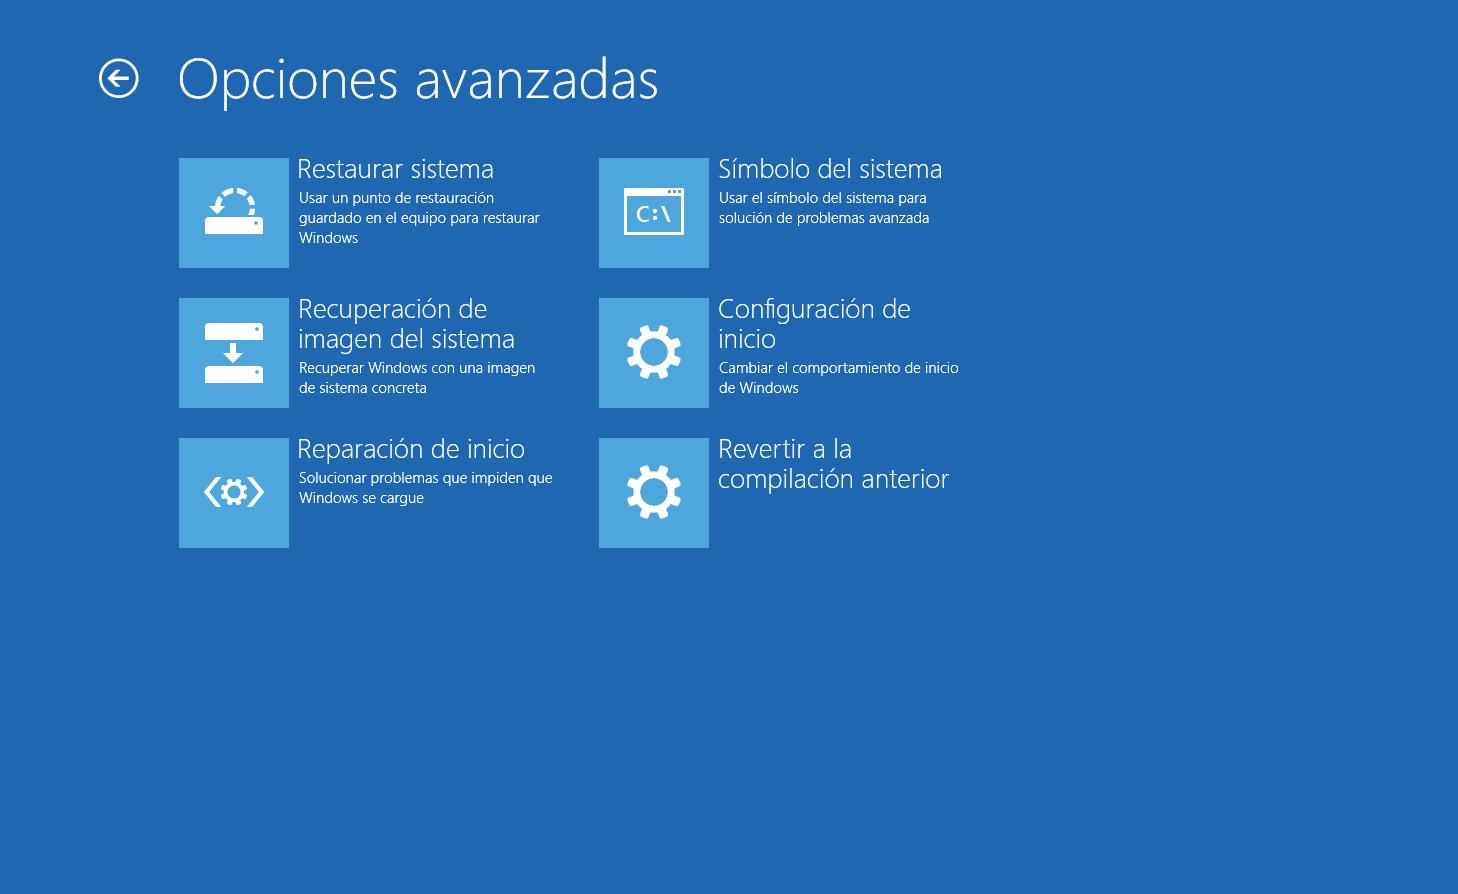 Menu Opciones Avanzadas en Windows 10